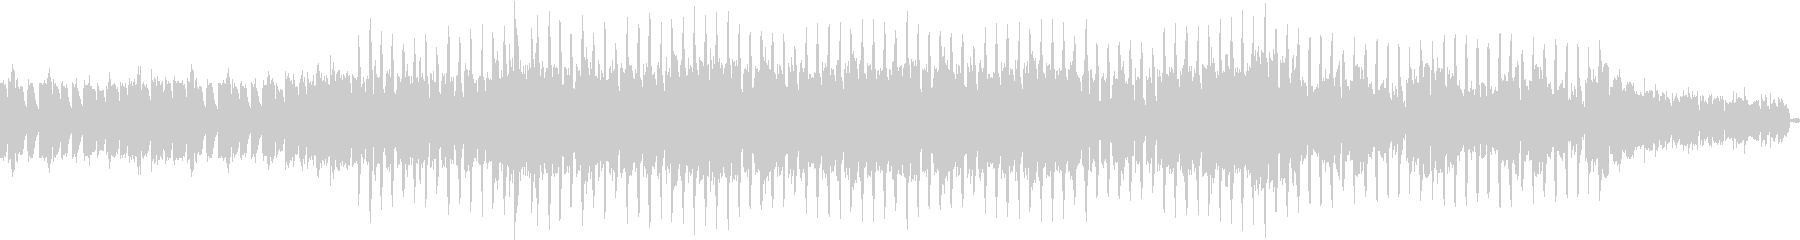 静かにそして強く奏でるEDMの未再生の波形